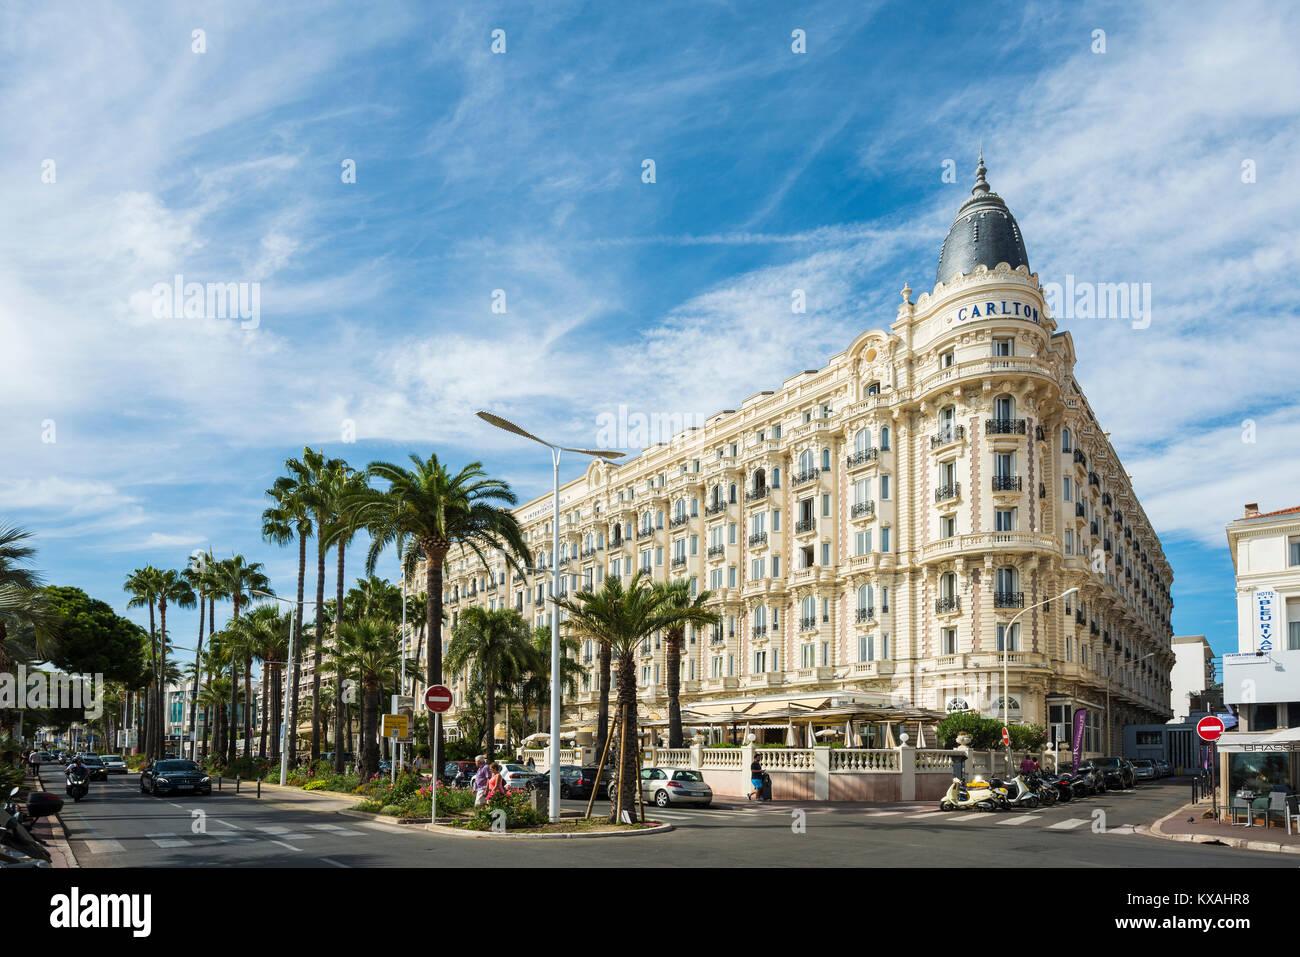 Hotel Carlton, Cannes, Côte d' Azur, Provence-Alpes-Côte d' Azur, South of France, France - Stock Image